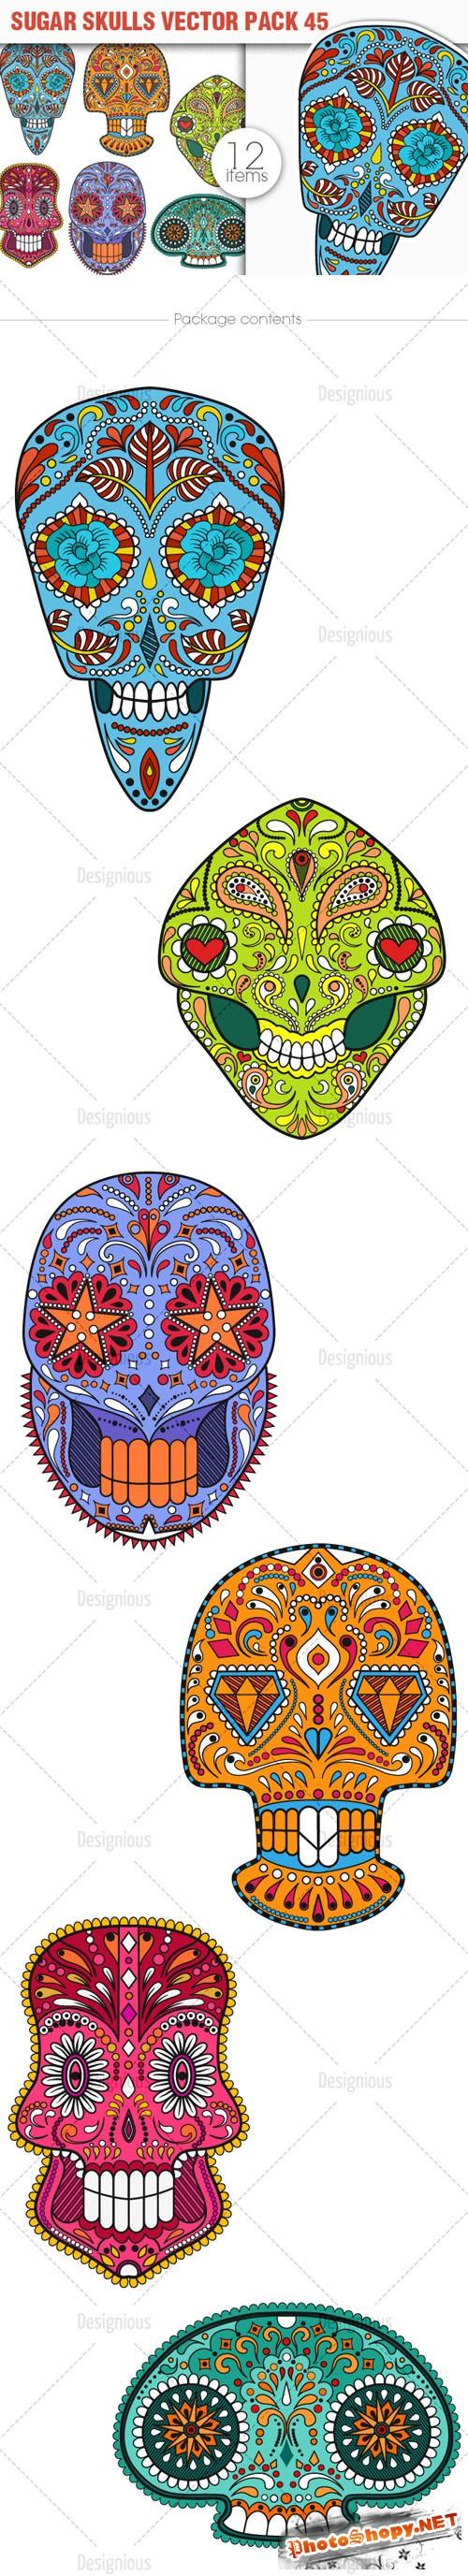 Sugar Skulls Vector Pack 45